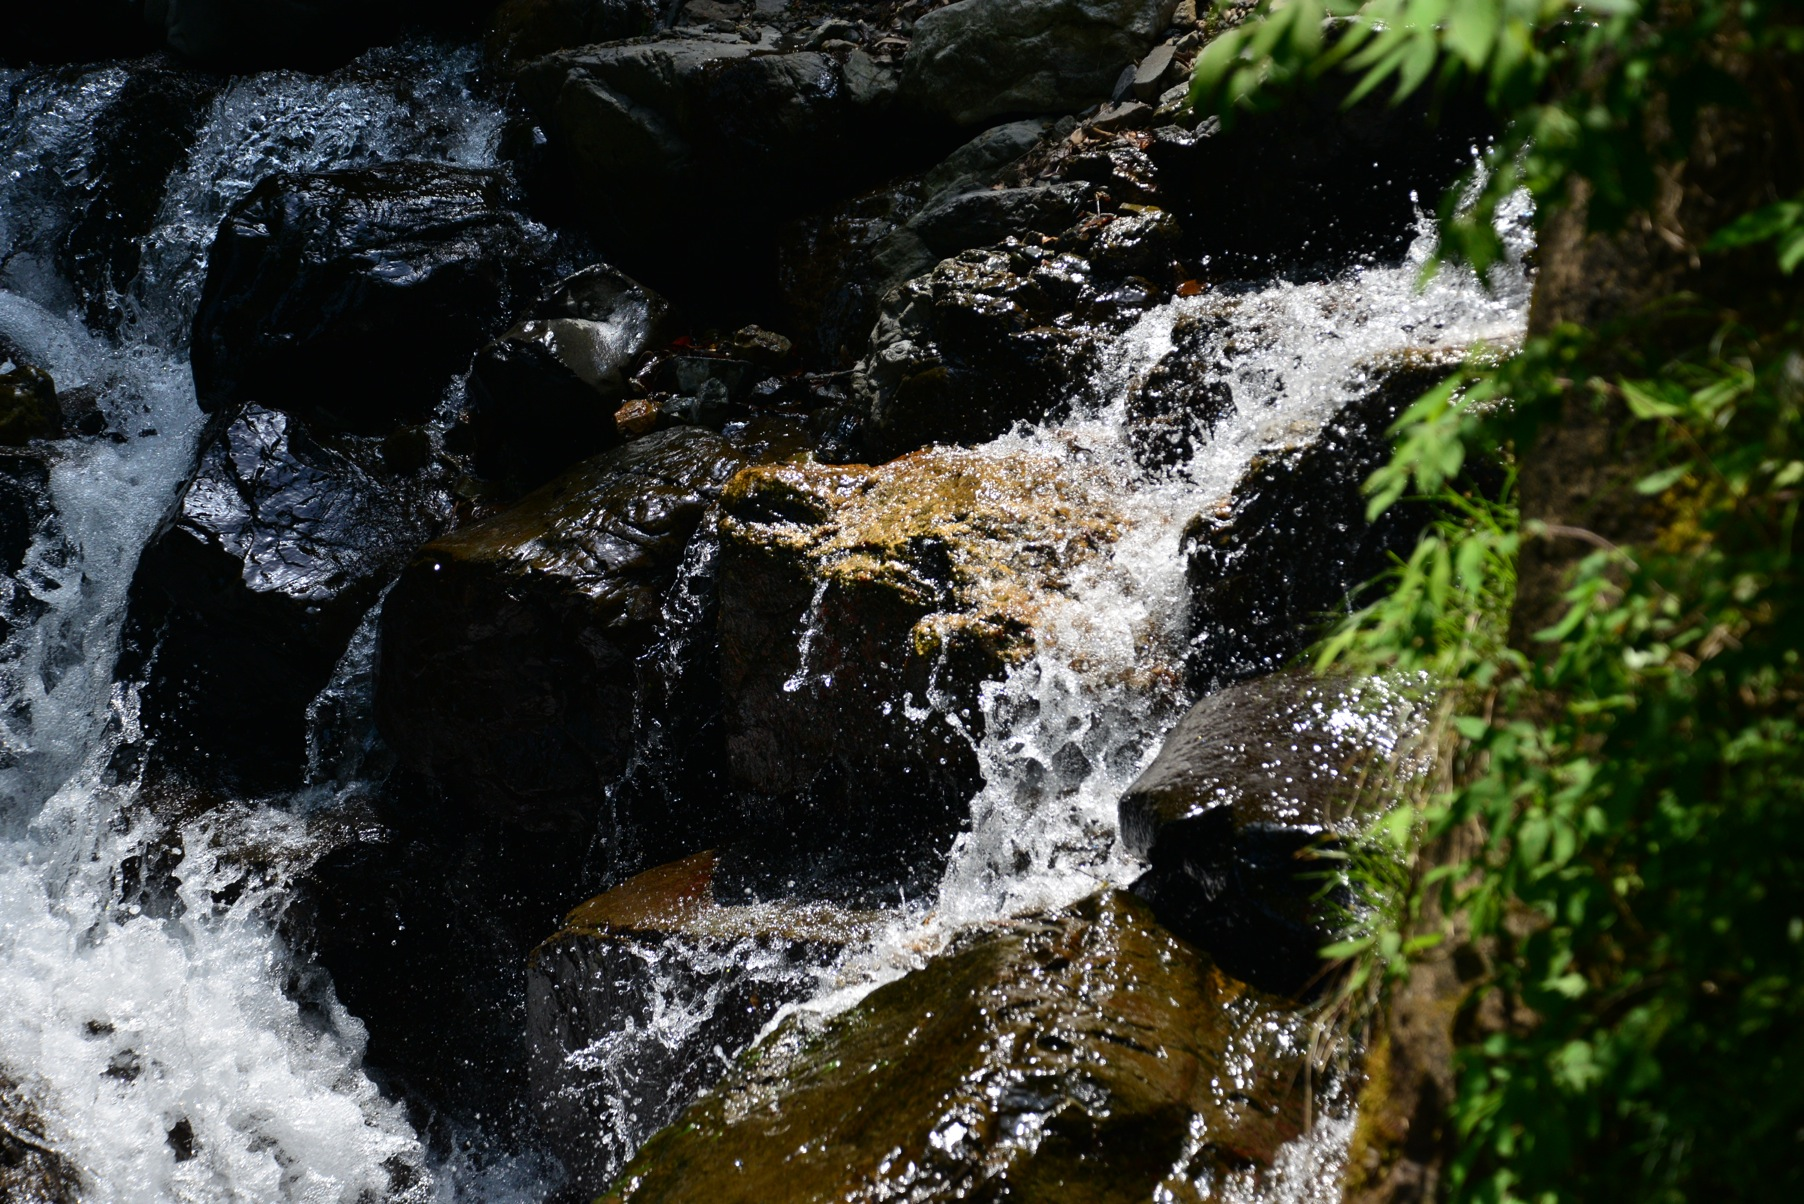 水を考察する「本当に良い水とは」